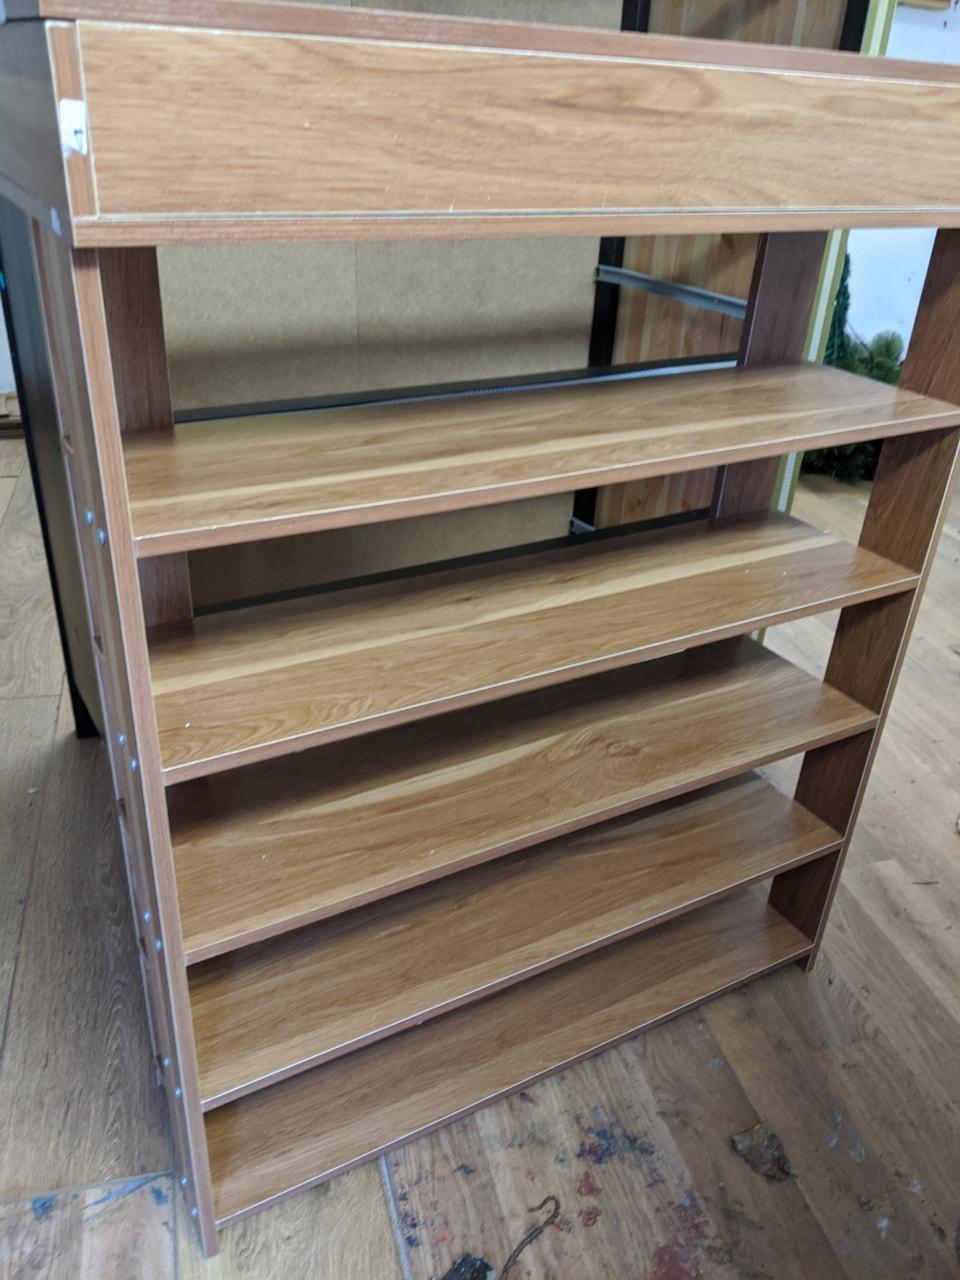 Brown shoe rack/top opens